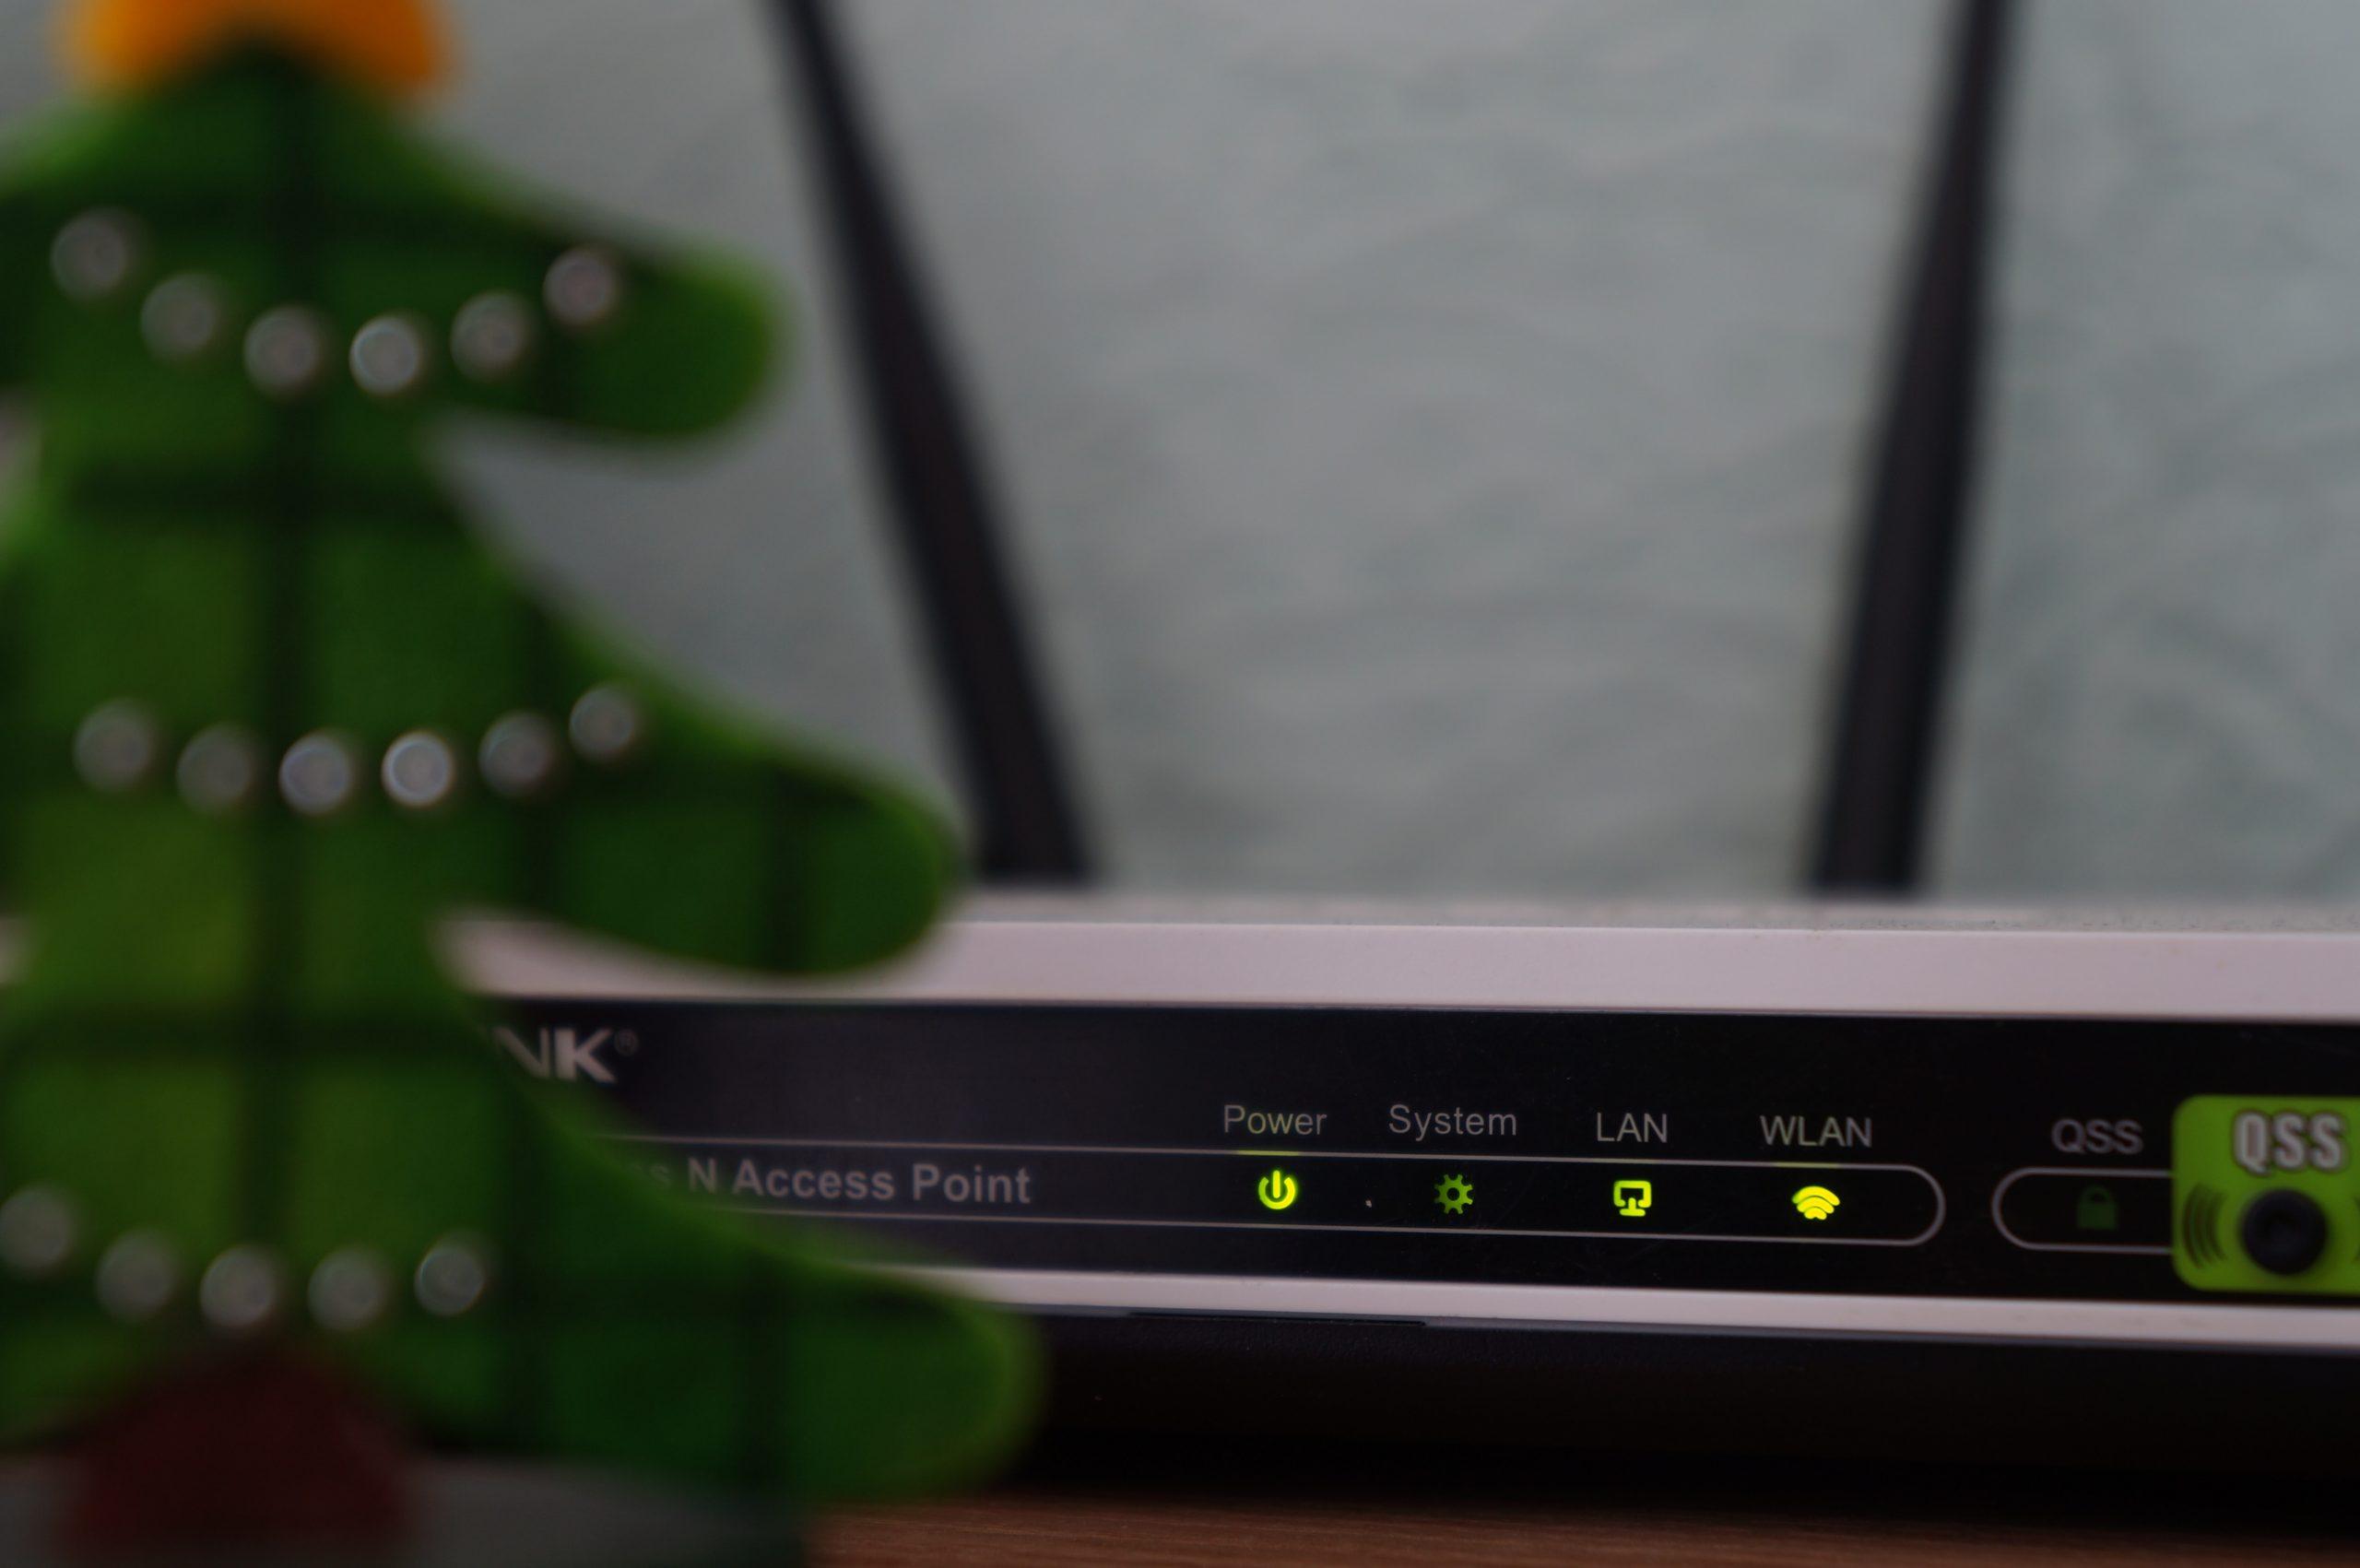 Imagem mostra um roteador ligado com várias luzes acesas.